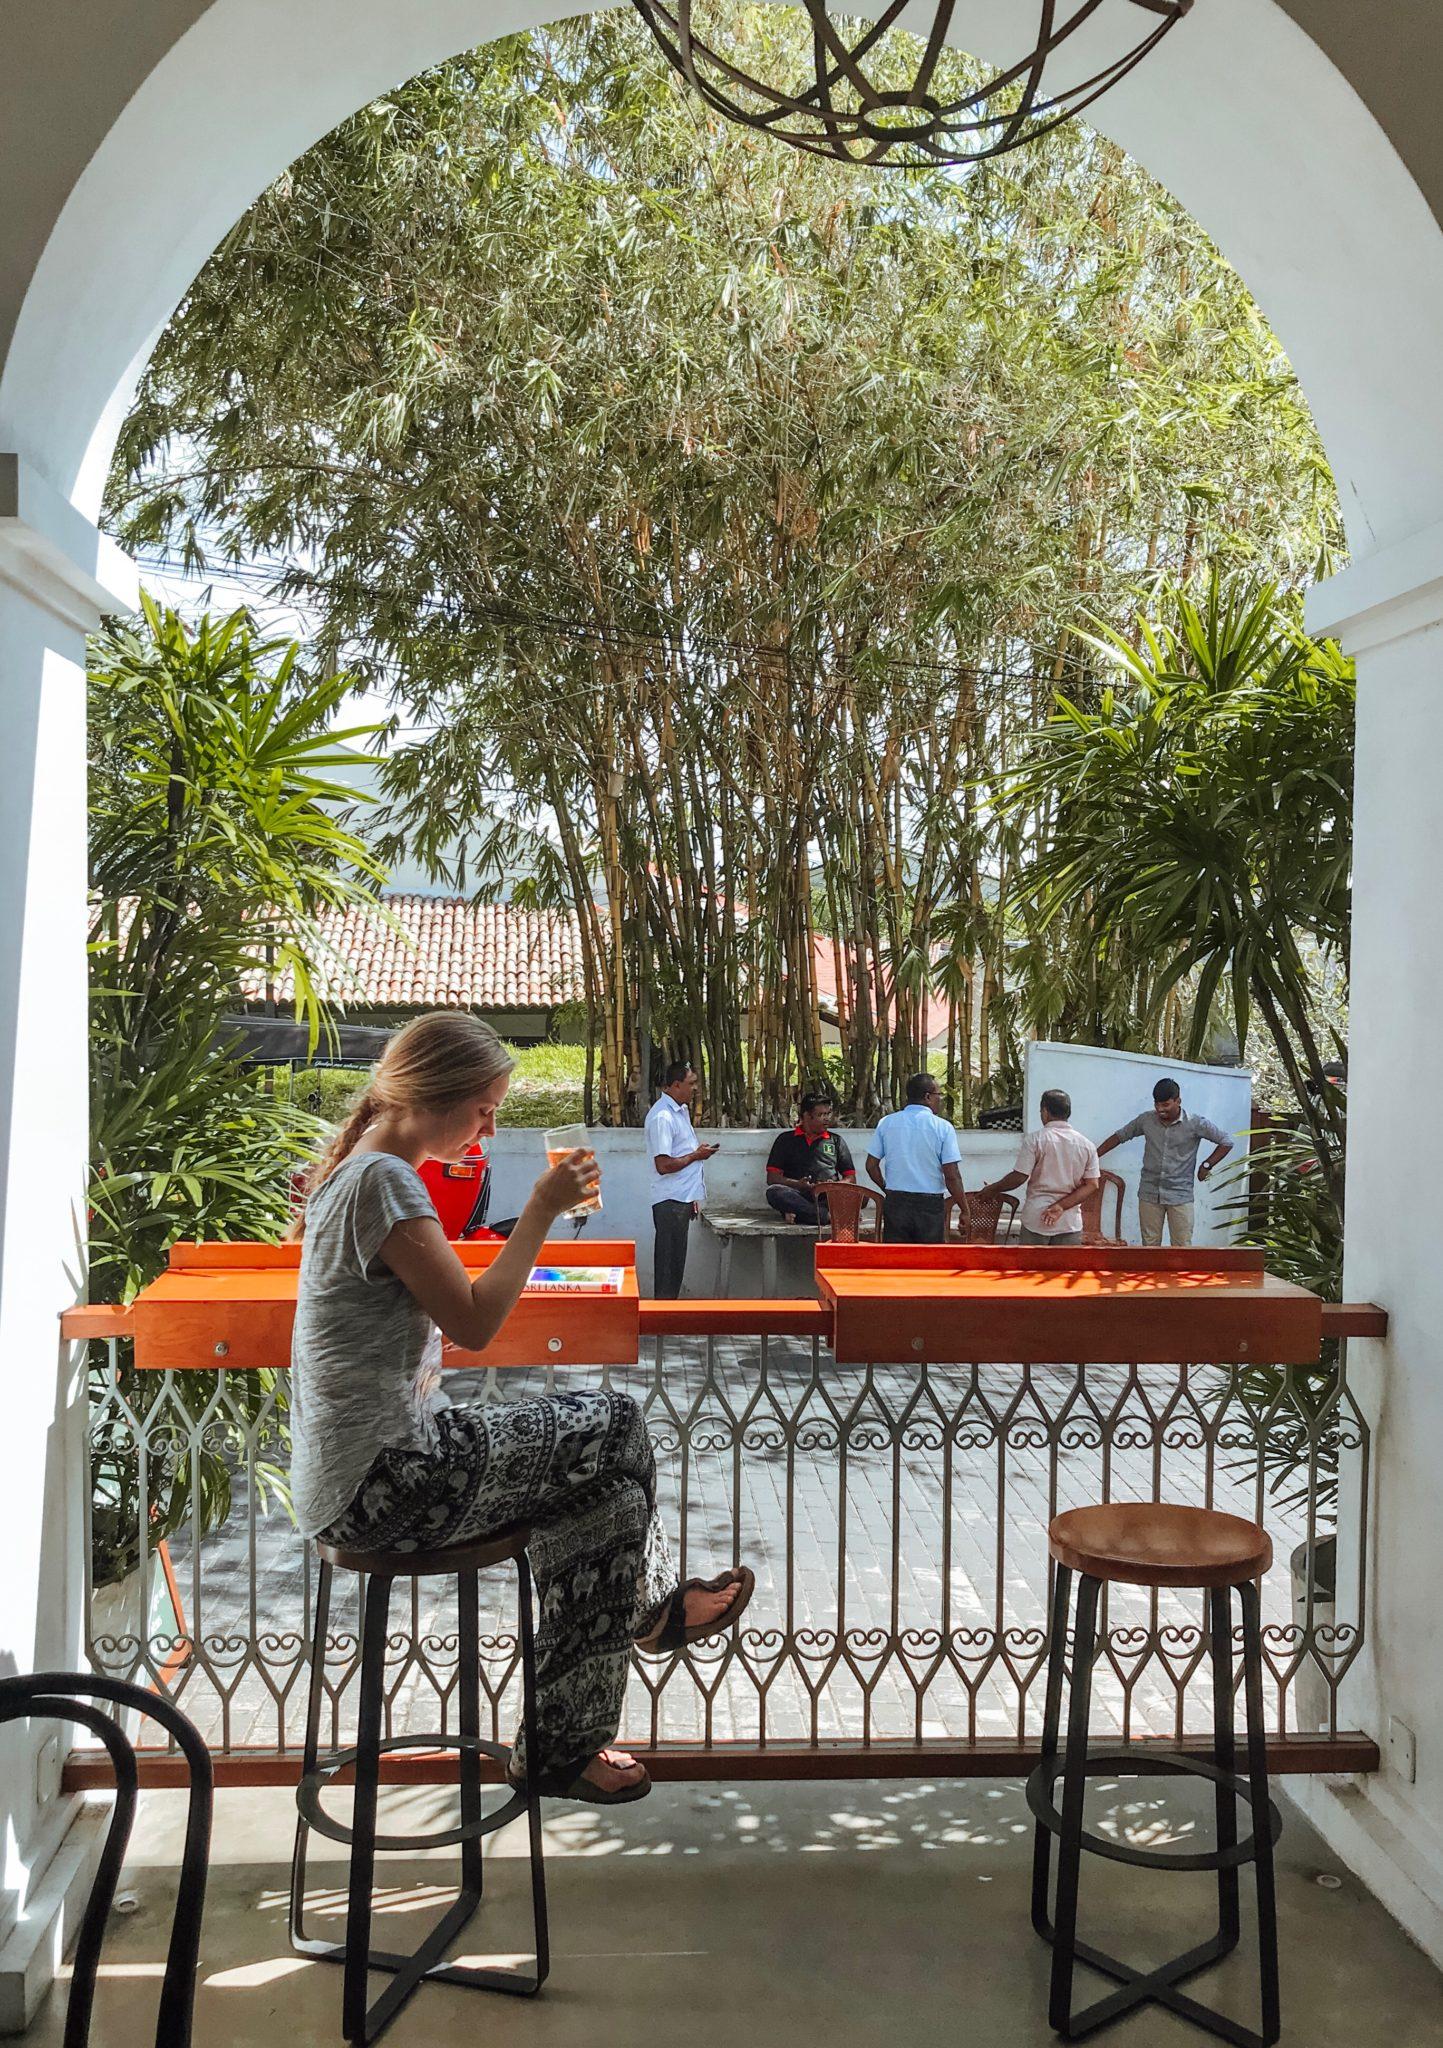 church street social galle fort sri lanka